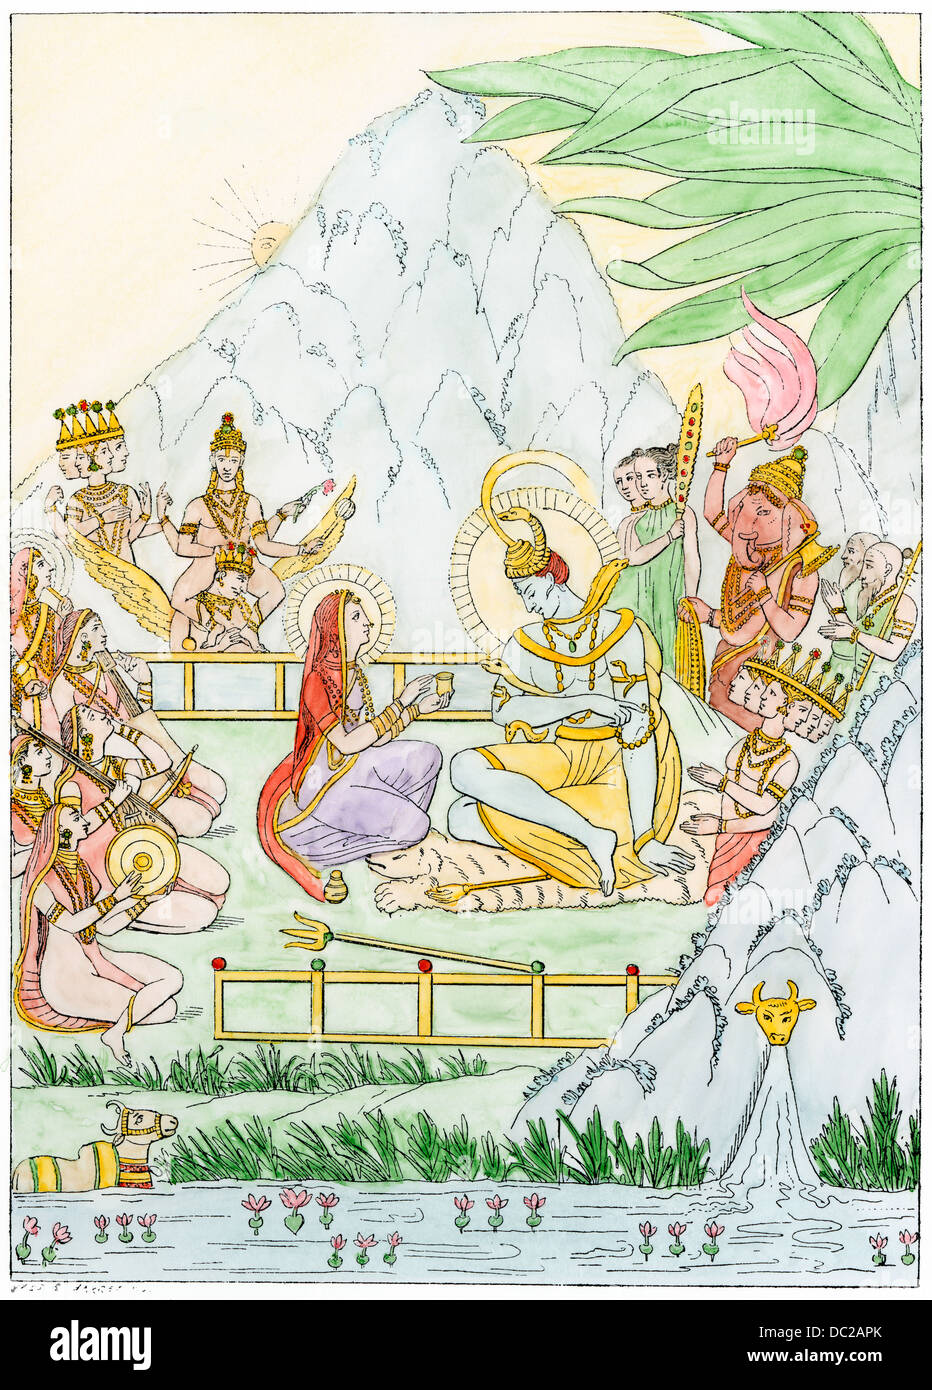 Hommage an Siva, Gott der Regeneration in den hinduistischen heiligen Triade. Hand - farbige Holzschnitt Stockbild